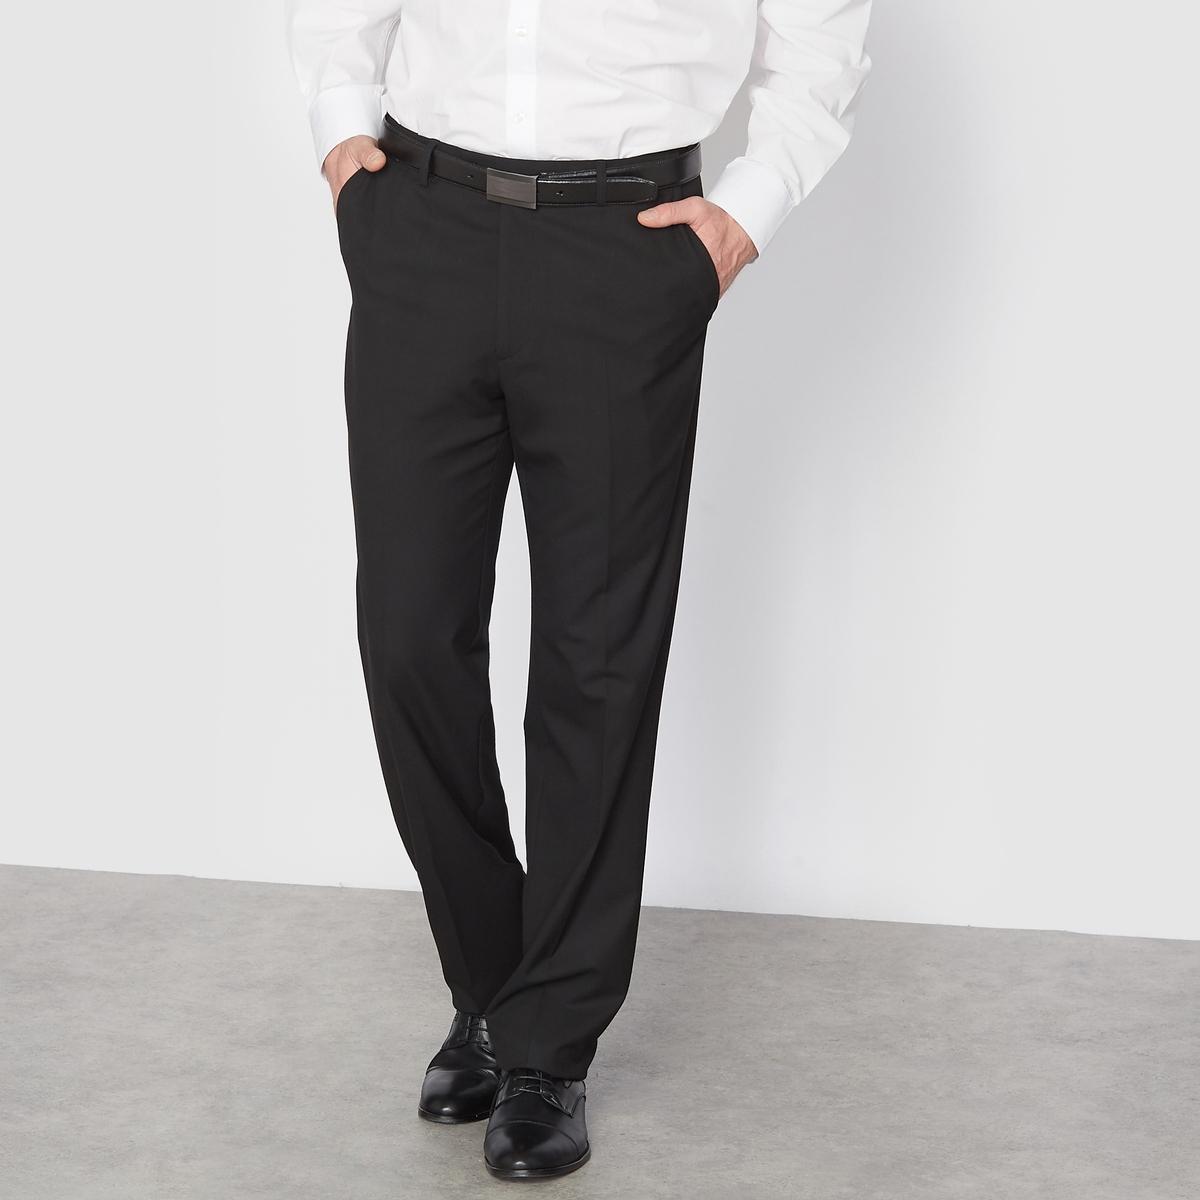 Брюки от костюма без защипов из ткани стретч, длина.2Брюки от костюма без защипов, длина 2. Высококачественная эластичная ткань, 62% полиэстера, 33% вискозы, 5% эластана. Подкладка 100% полиэстер. Длина 2 : при росте от 187 см.Можно носить как в сочетании с пиджаком, так и отдельно. Полнота пояса регулируется и подстраивается под любую морфологию. Застежка на молнию, пуговицу и крючок. 2 косых кармана. 1 прорезной карман с пуговицей сзади. Необработанный низ. Длина 2 : при росте от 187 см.- Длина по внутр.шву : 91,8-94,8 см, в зависимости от размера. - Ширина по низу : 21,4-27,4 см, в зависимости от размера. Есть также модель длины 1: при росте до 187 см. Есть также модель с защипами.<br><br>Цвет: антрацит,темно-синий,черный<br>Размер: 48 (FR) - 54 (RUS).52 (FR) - 58 (RUS).58.64.48 (FR) - 54 (RUS).58.54.52 (FR) - 58 (RUS).54